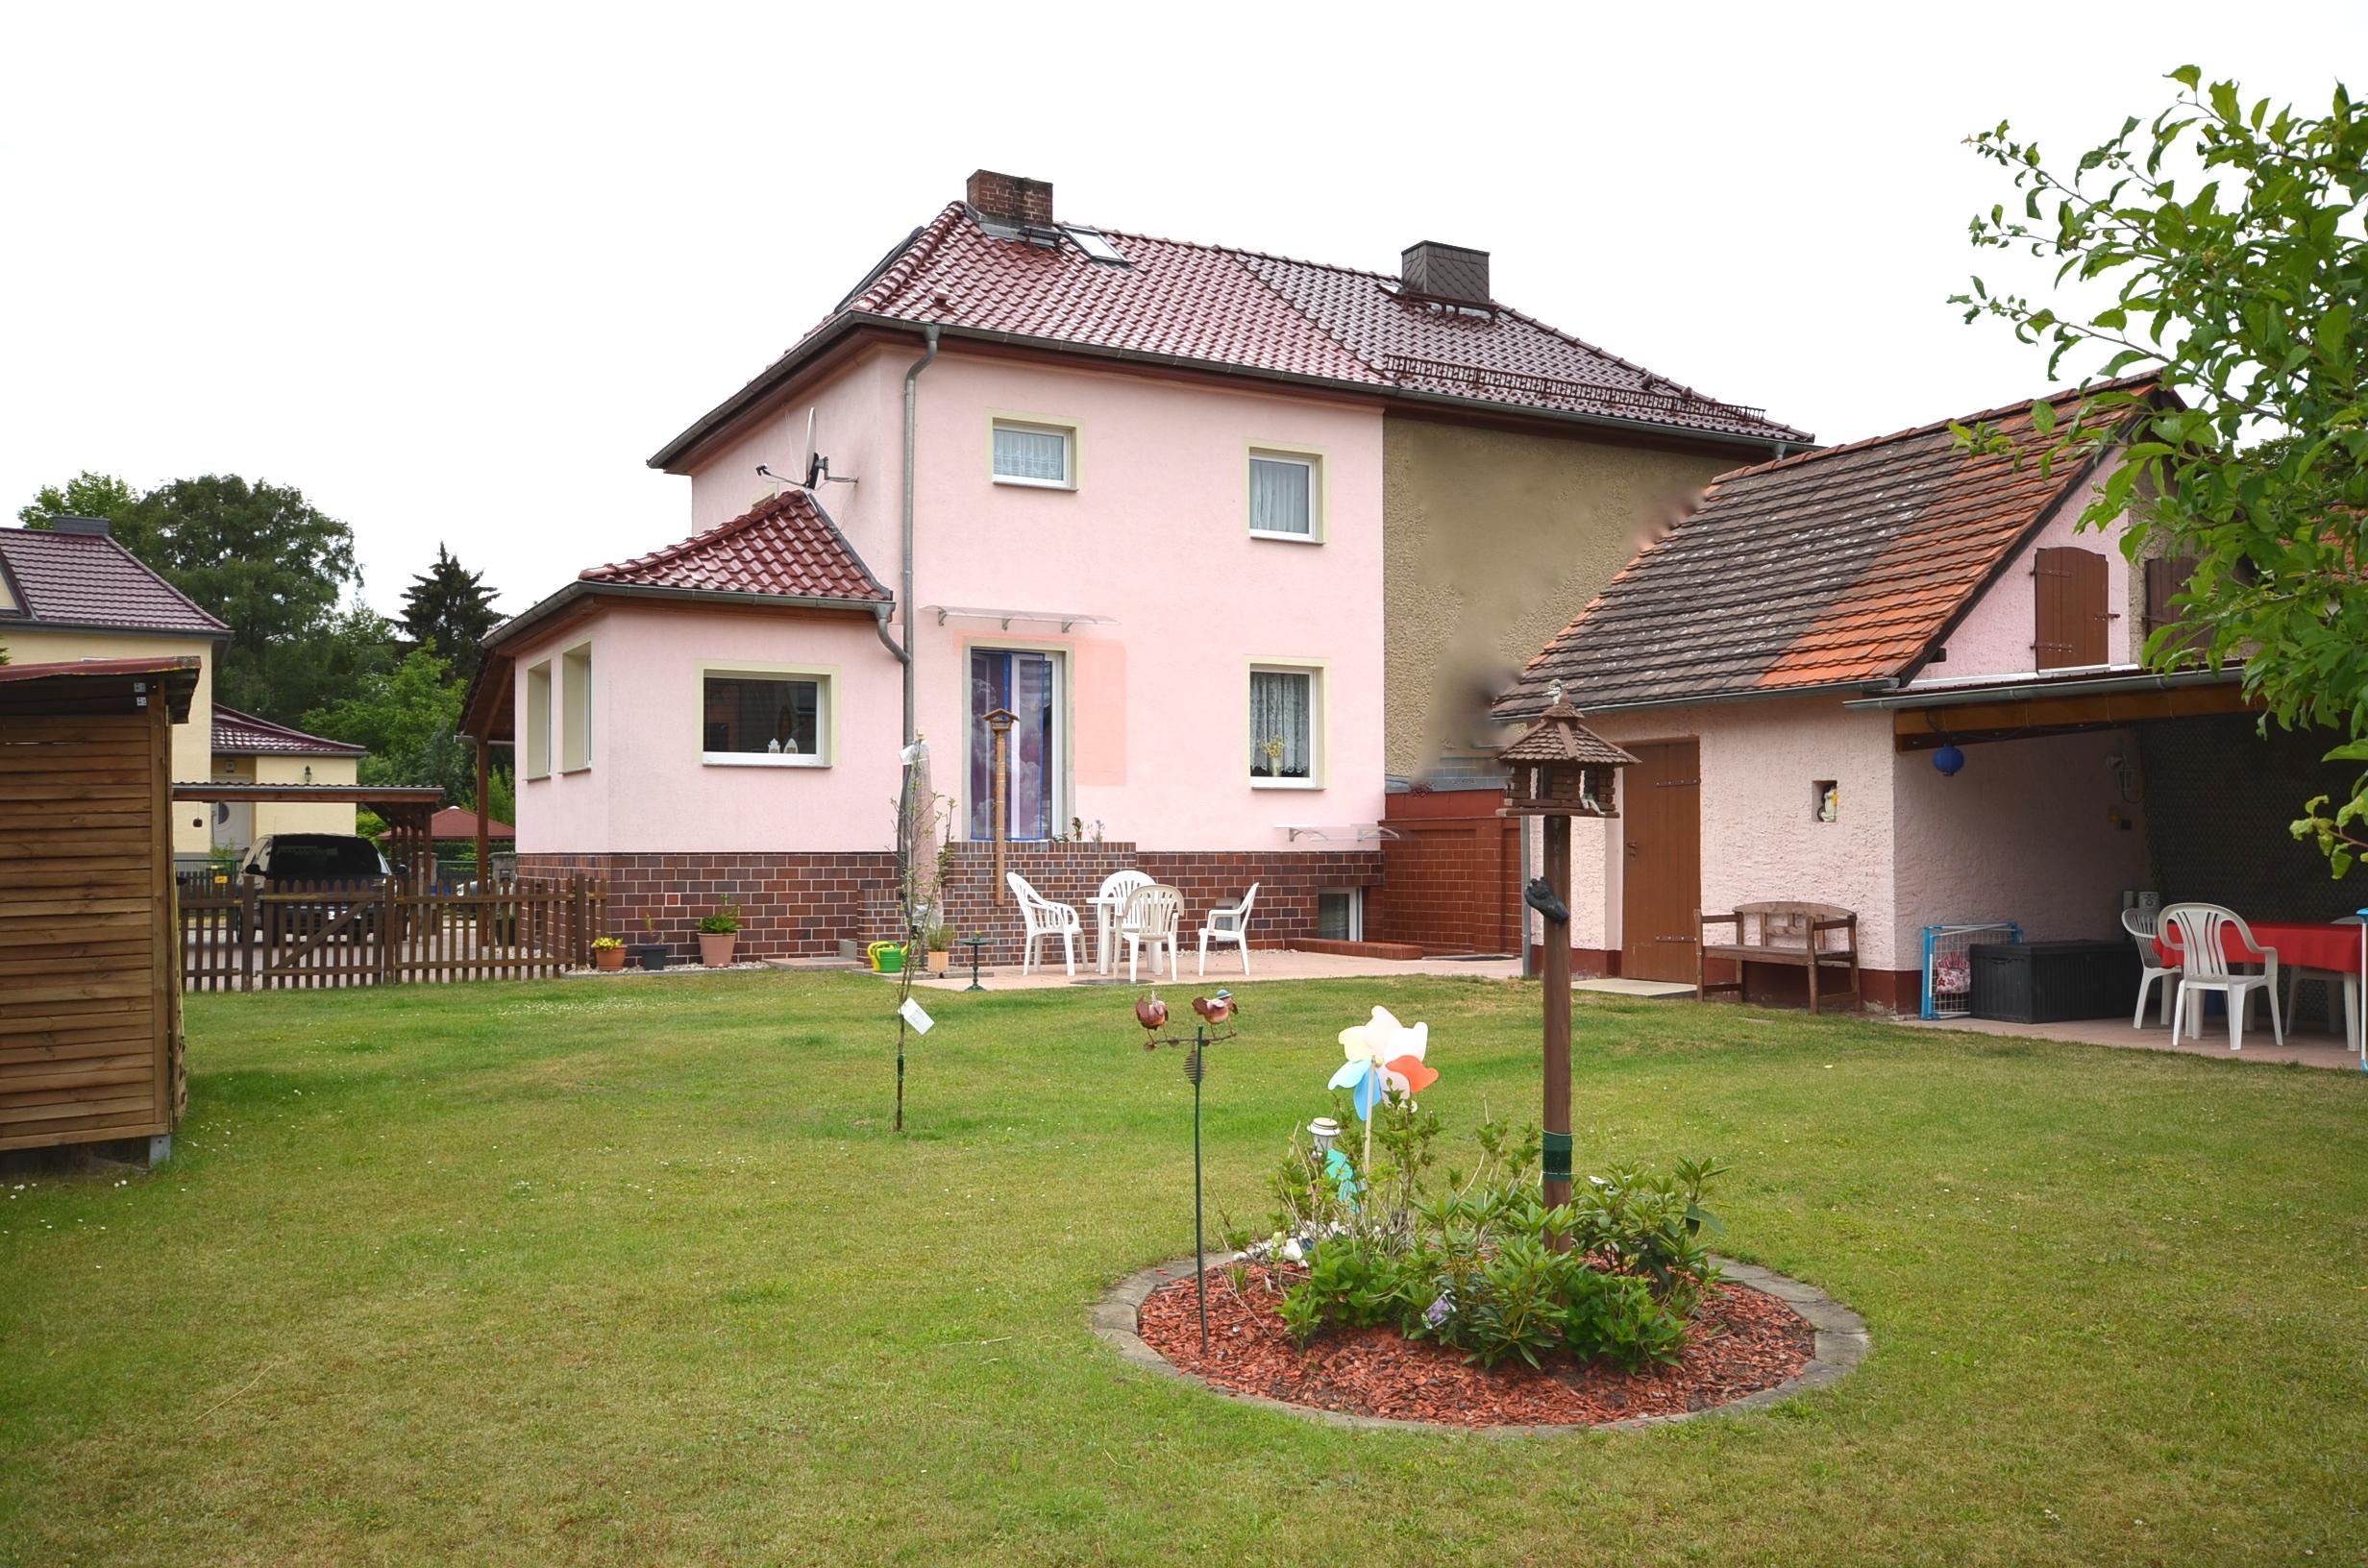 efh_schmöckwitz_köpenick_verkauf_makler_biesdorf_mahlsdorf_kaulsdorf_immobilienverkauf_immobilienvermittlung_wertermittllung